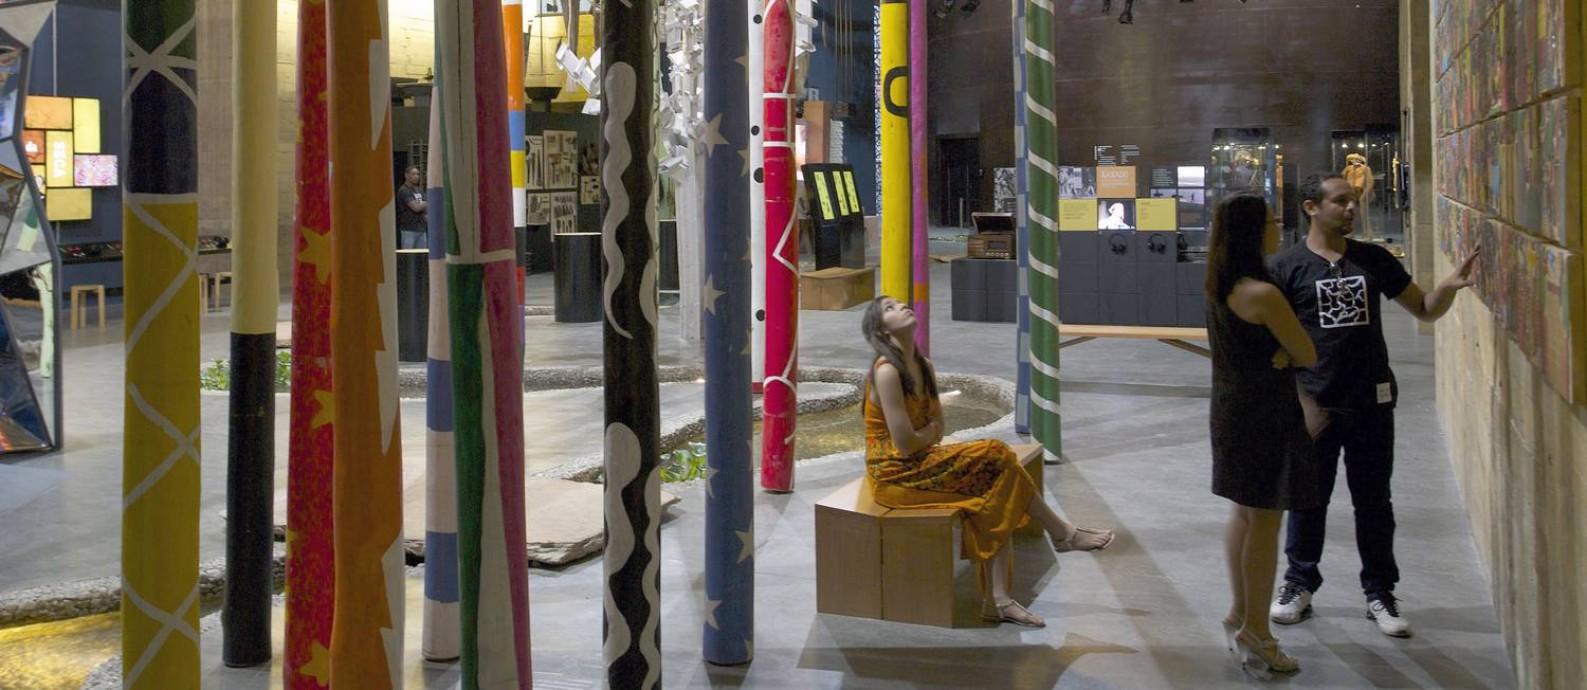 Cores. Peças de artesanato nordestino na exposição permanente do museu Cais do Sertão no Porto Novo, em Recife Foto: Hans Von Manteuffel / Hans Von Manteuffel/Arquivo